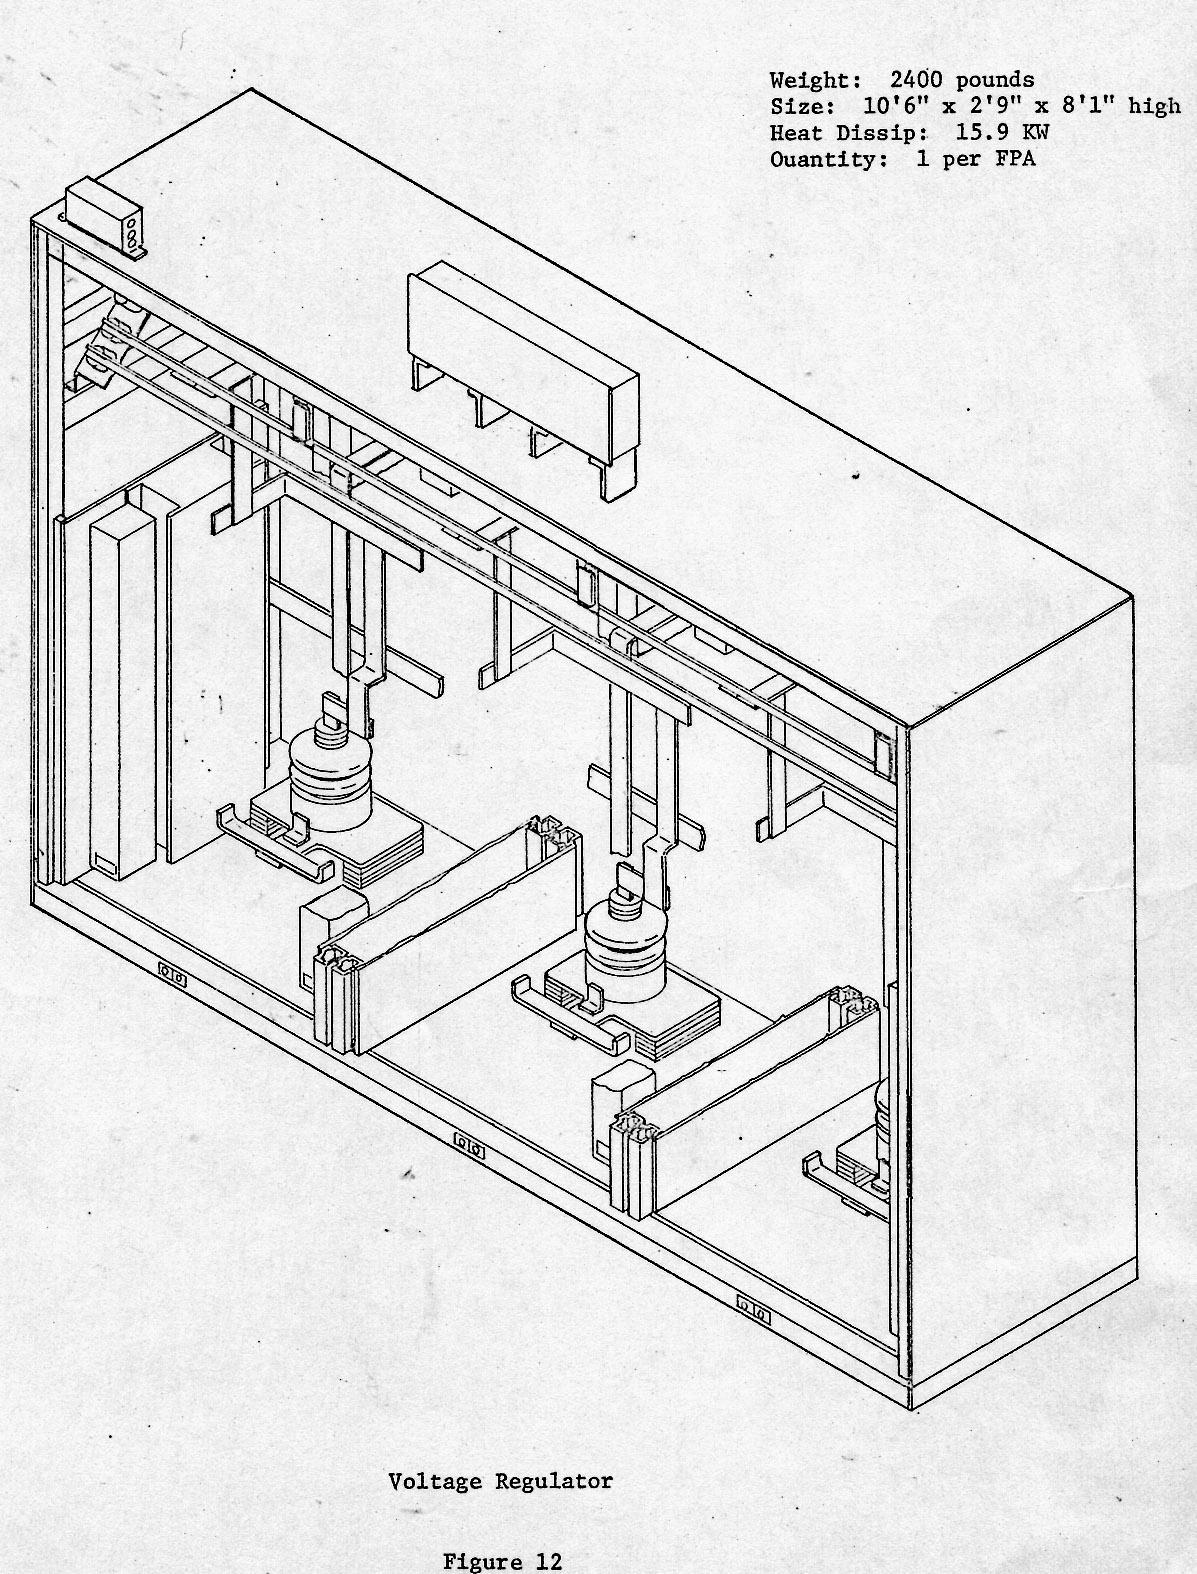 Kirk Key Interlock Wiring Diagram